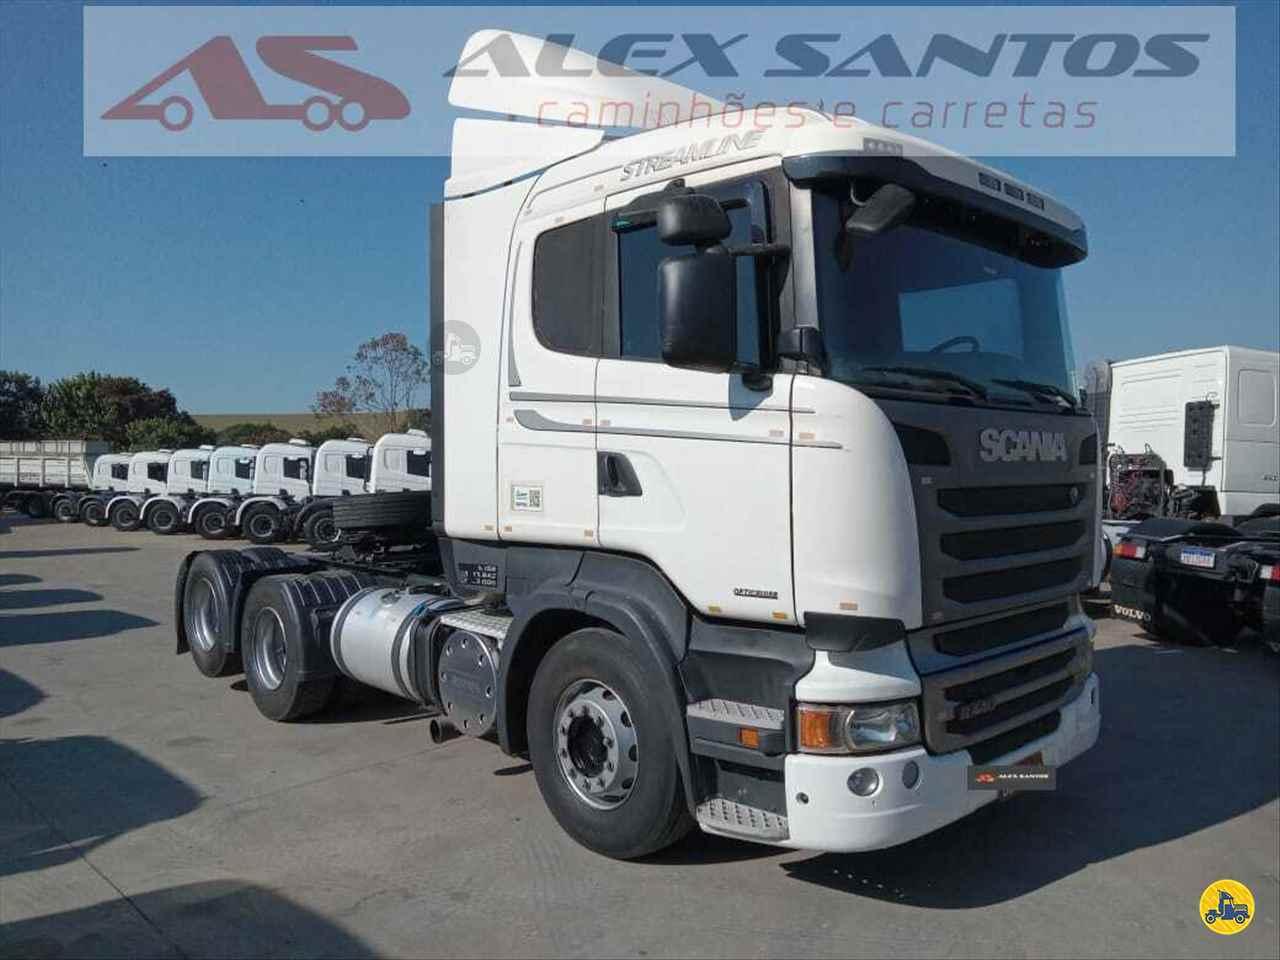 CAMINHAO SCANIA SCANIA 440 Cavalo Mecânico Truck 6x2 Alex Santos Caminhões - Pouso Alegre POUSO ALEGRE MINAS GERAIS MG